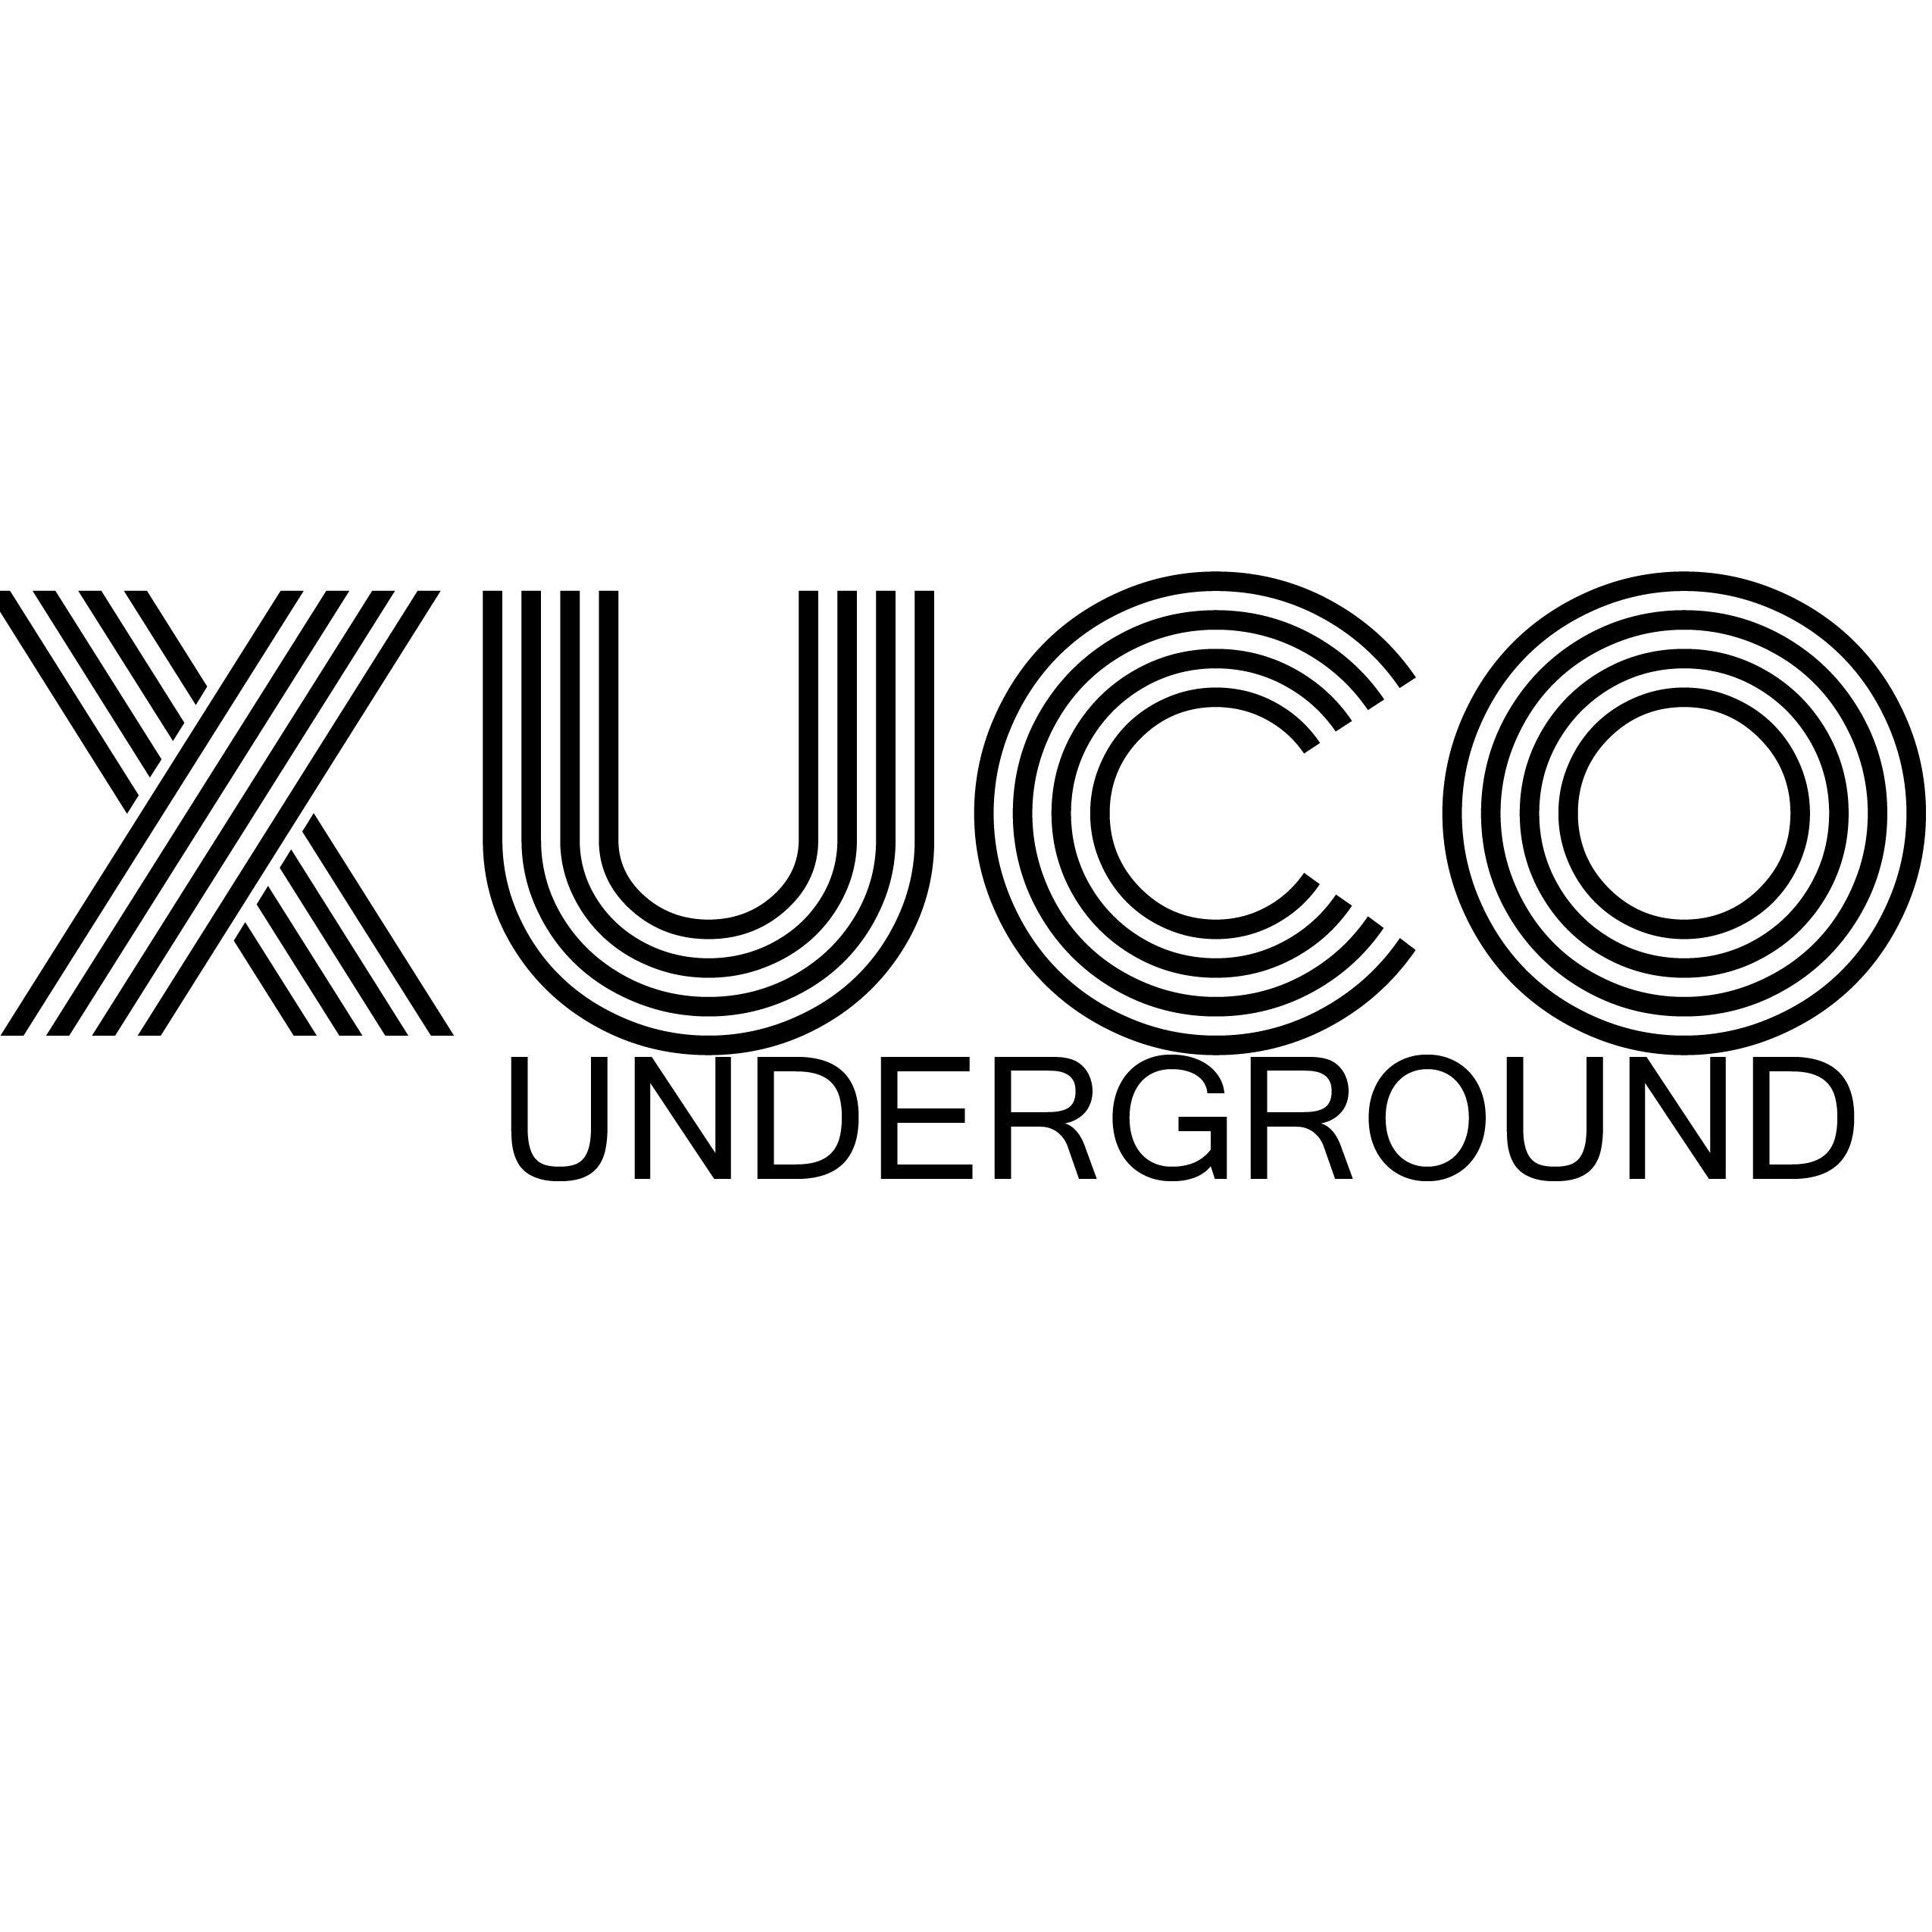 Xuco Underground